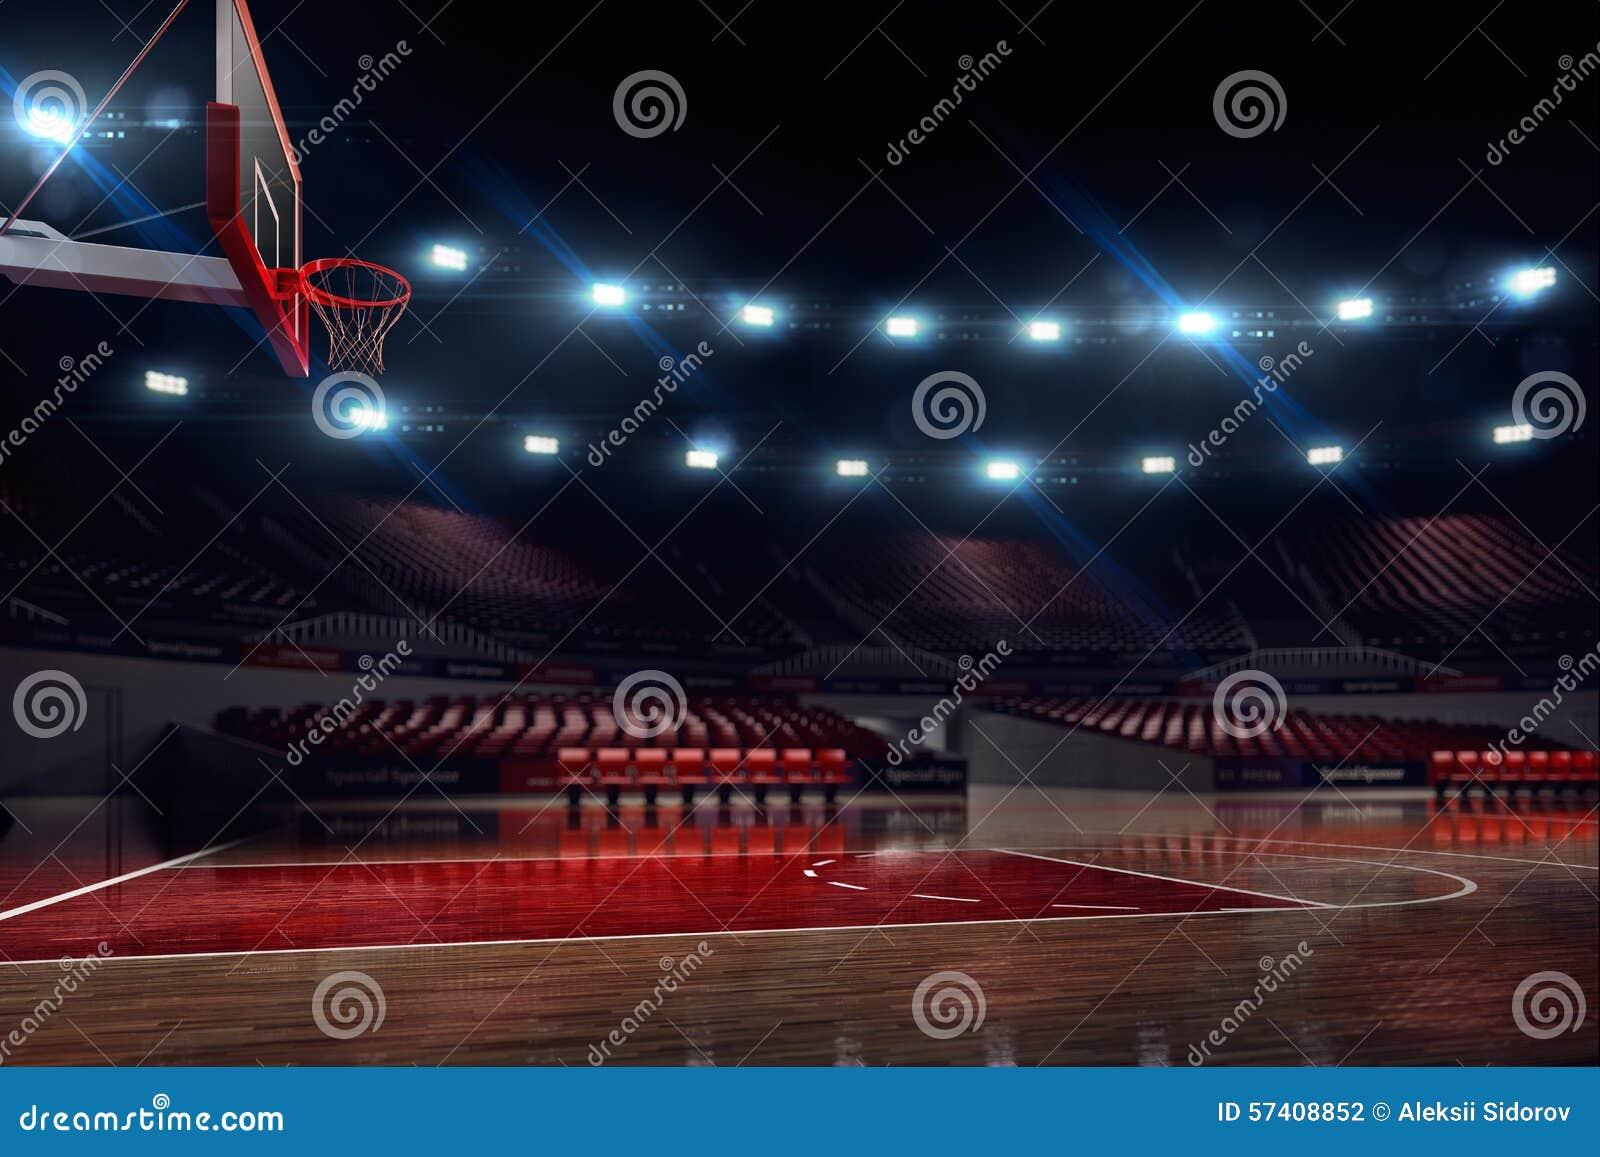 γήπεδο μπάσκετ εάν απεικόνιση αθλητικό στάδιο βροχής χώρων